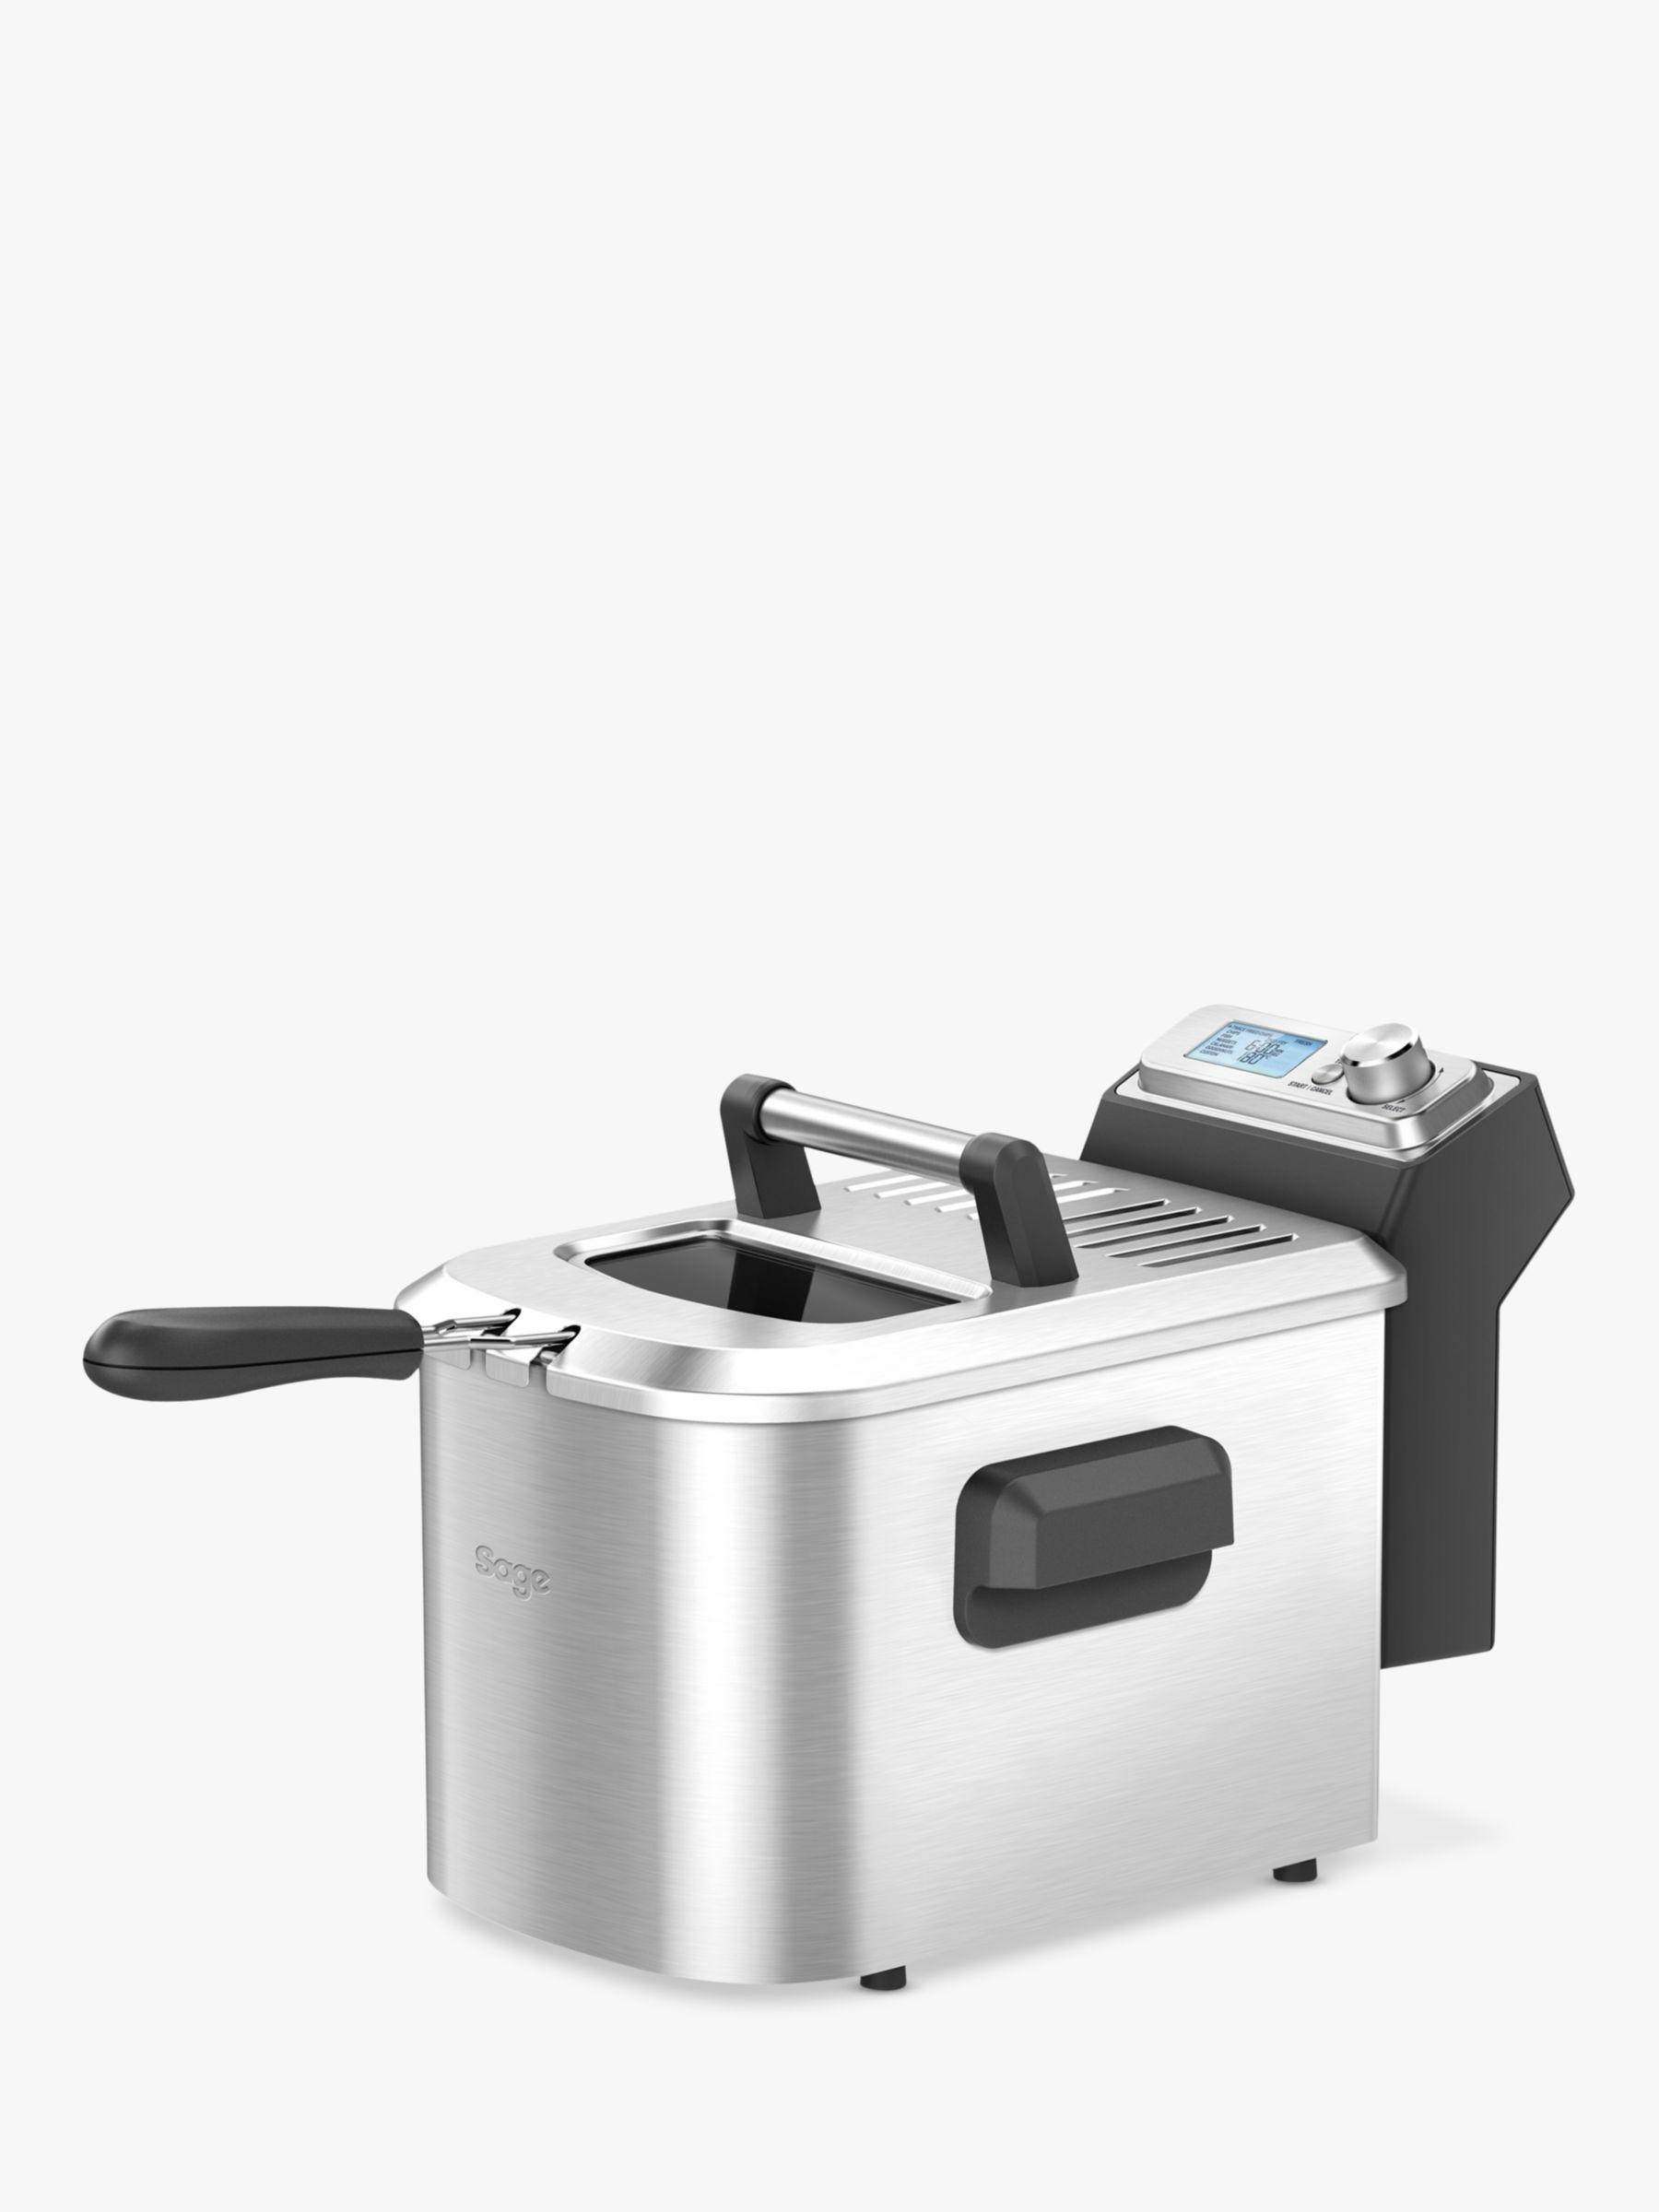 Sage Sage the Smart Fryer™, Silver